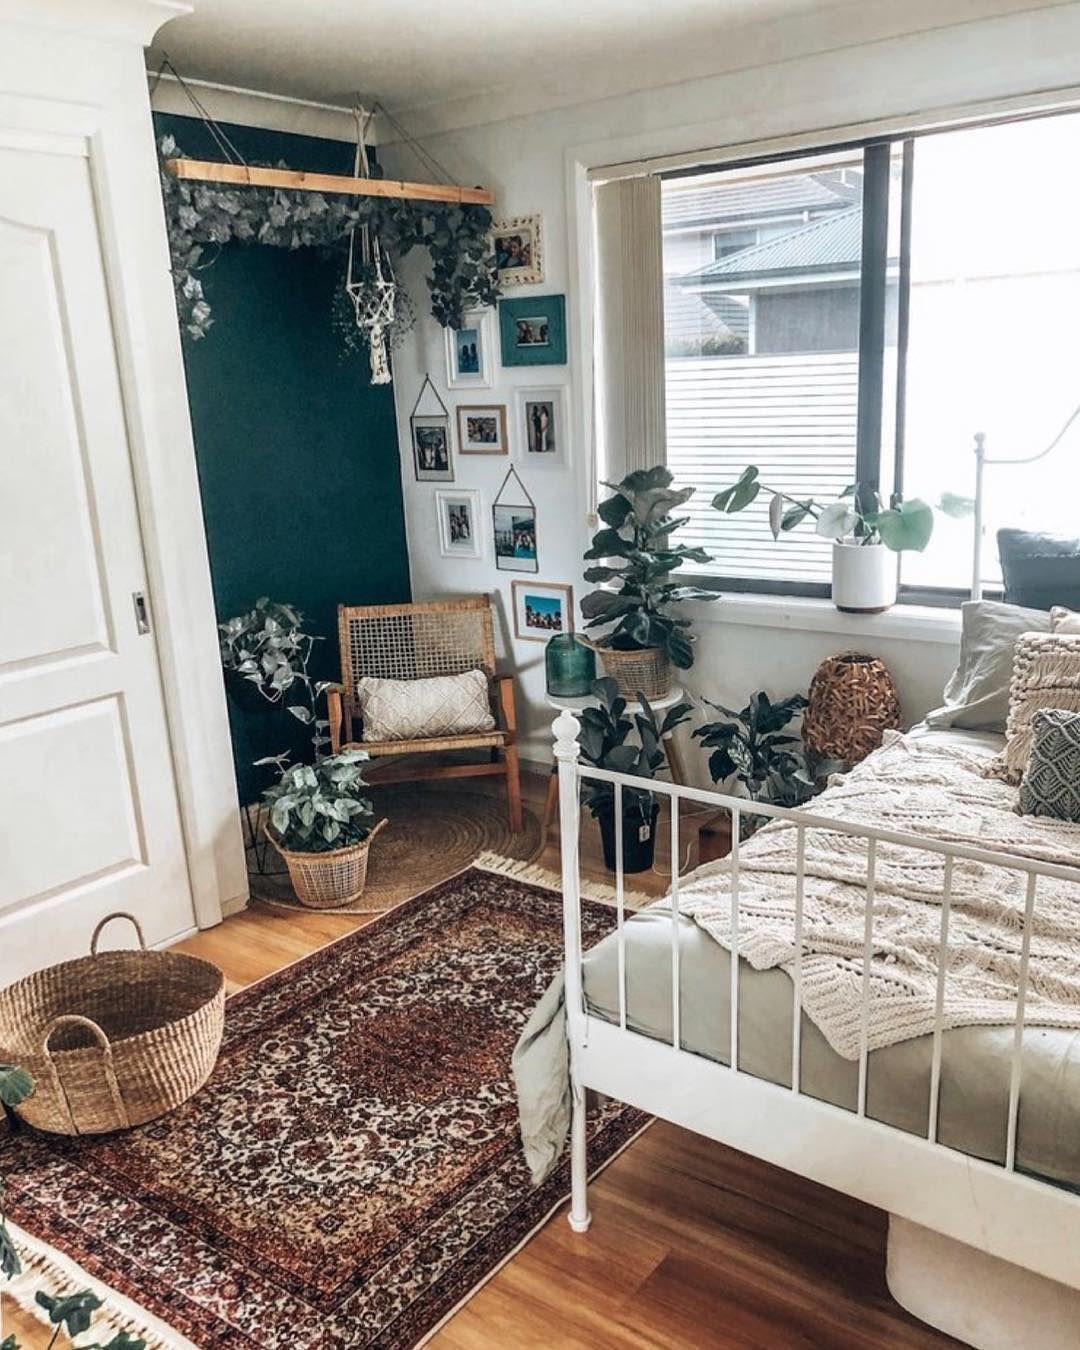 #bedroom #bedroomdecor #bedroomgoals #bedroomdesign #bedroomideas #bedroominterior #bedroomstyle #vintage #vintagebedroom #naturalbedroom #naturalvibes #followme